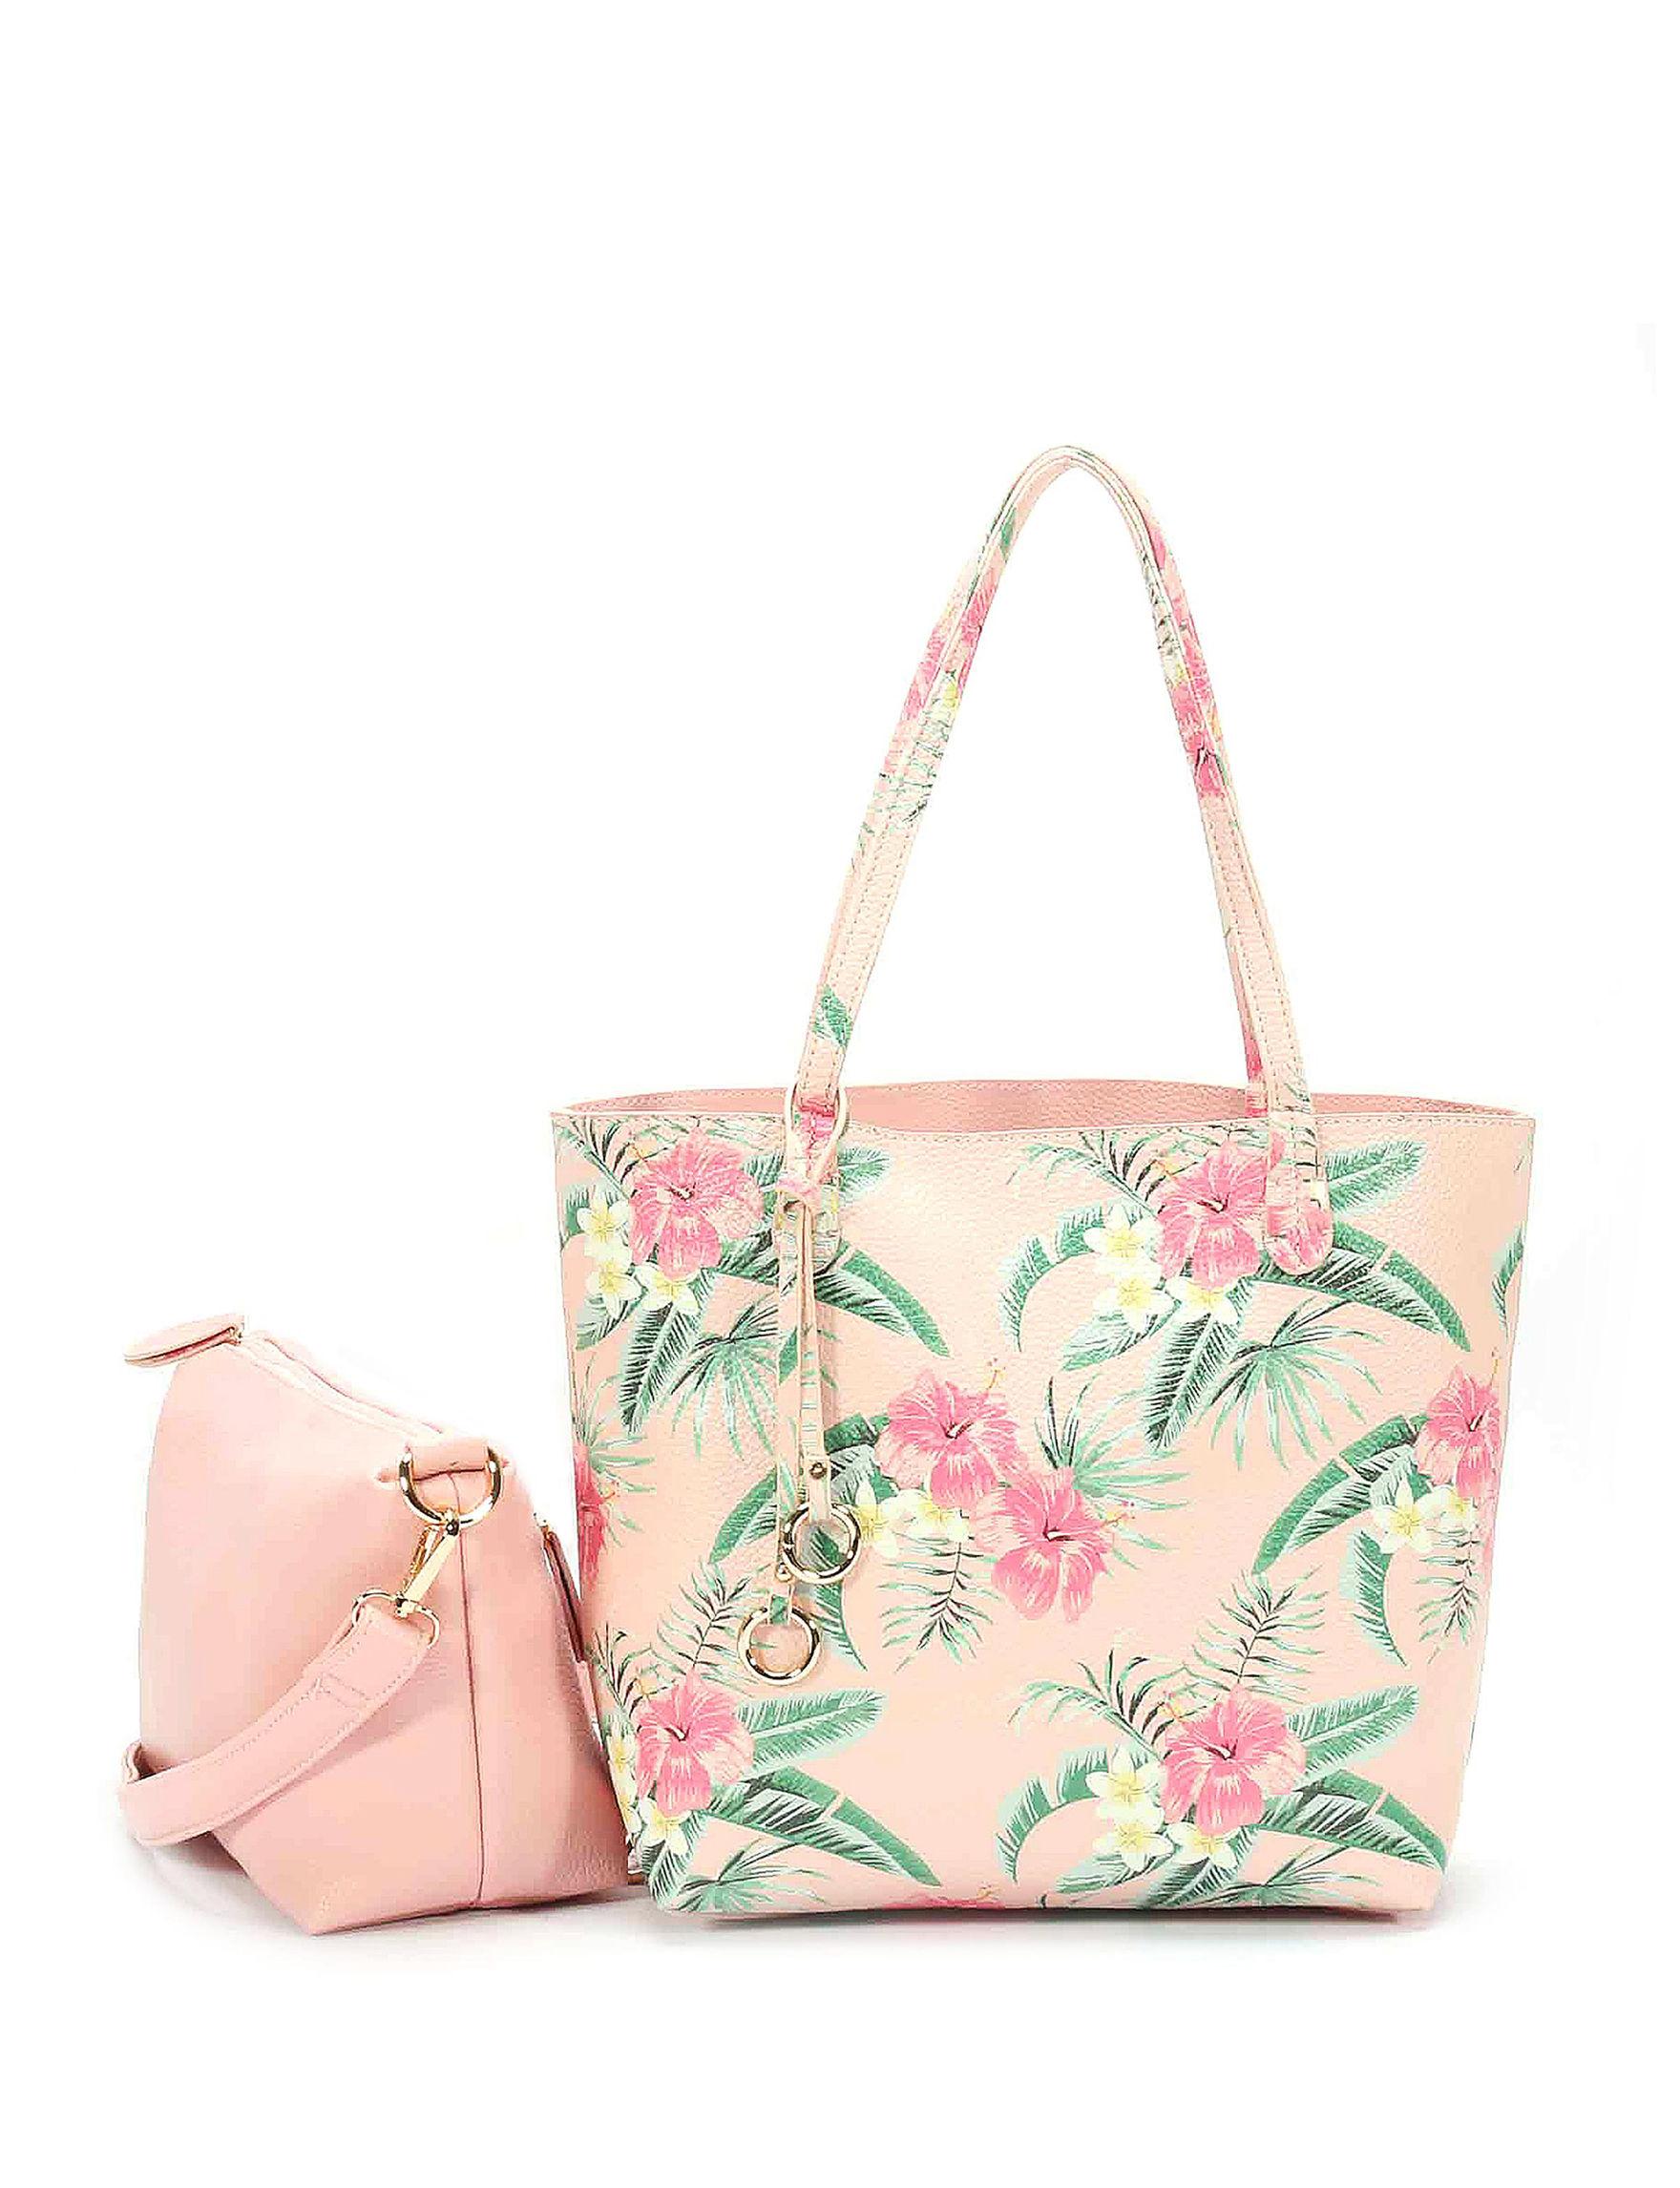 Valerie Stevens Blush Floral